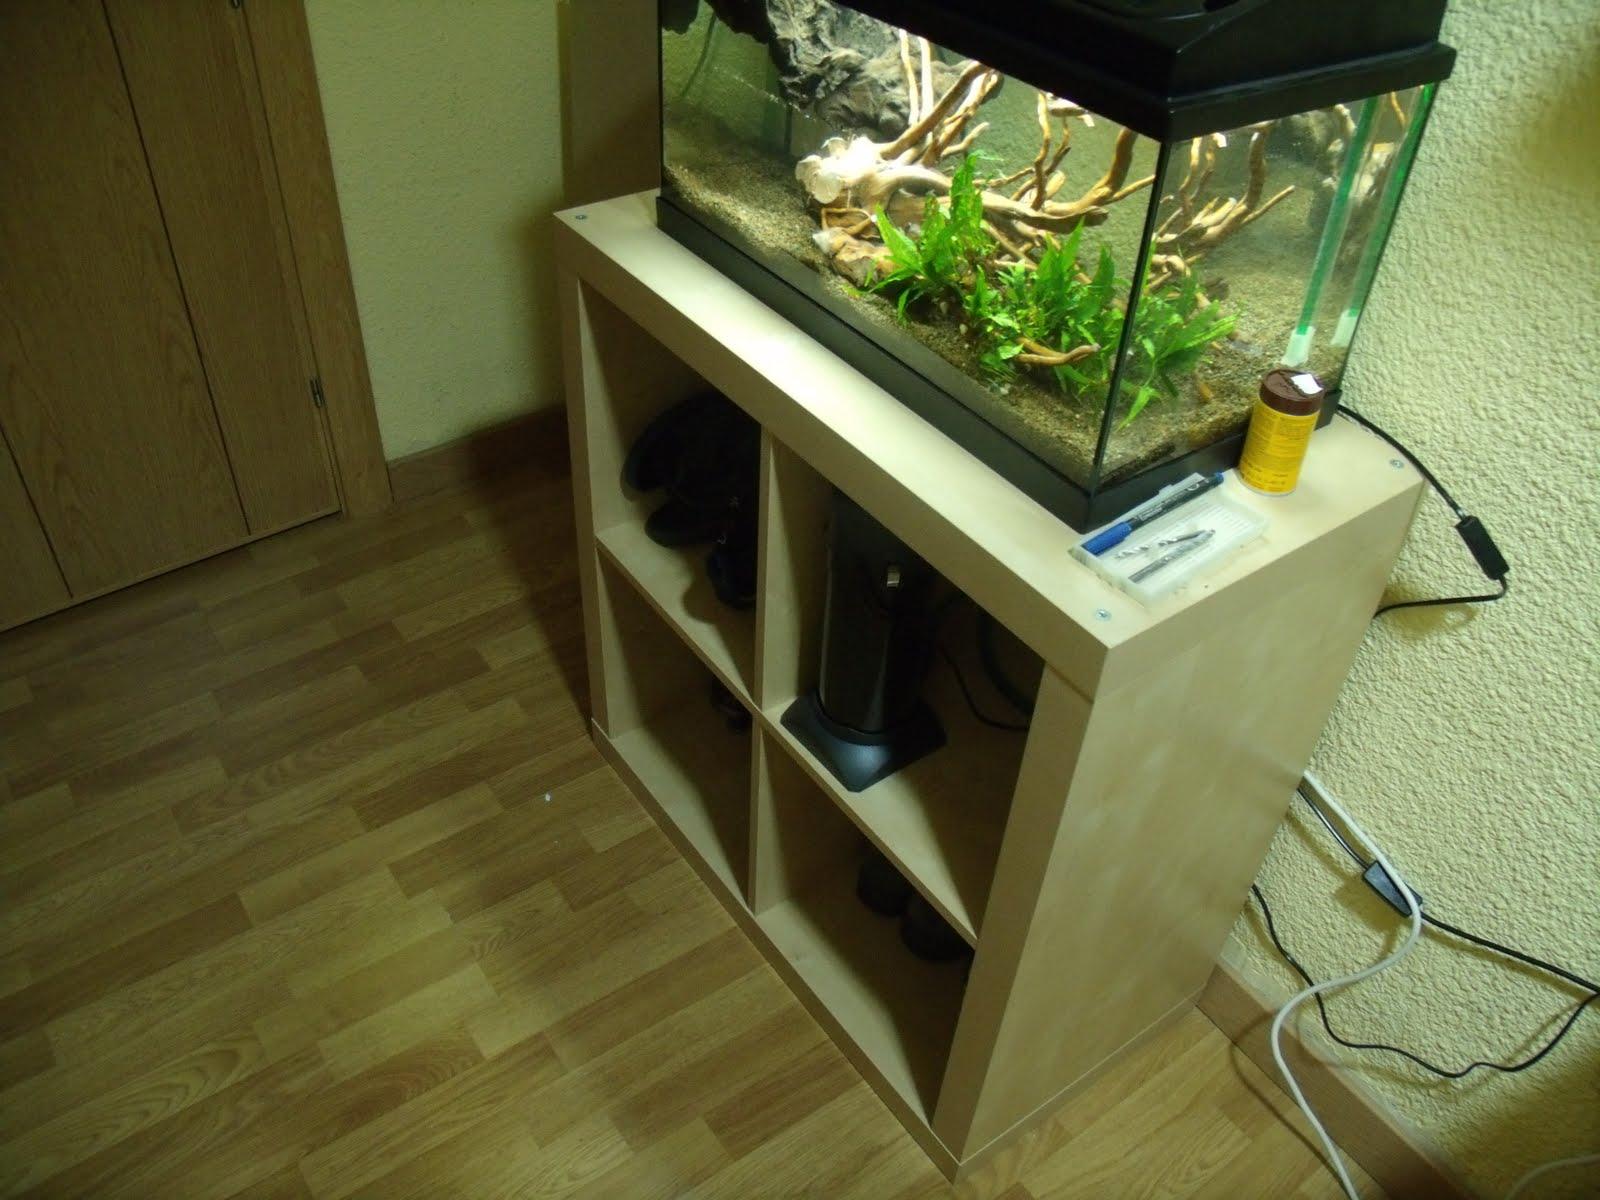 Las cosas del karlos ciclando dos nuevos gambarios en for Mueble para acuario